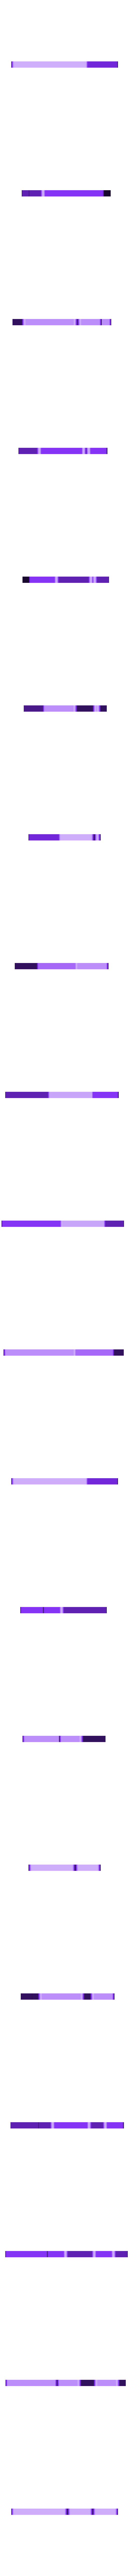 AnetE10_AdjustableZ_plate.STL Télécharger fichier STL gratuit Anet E10 : Butée Z réglable • Modèle à imprimer en 3D, MrCrankyface